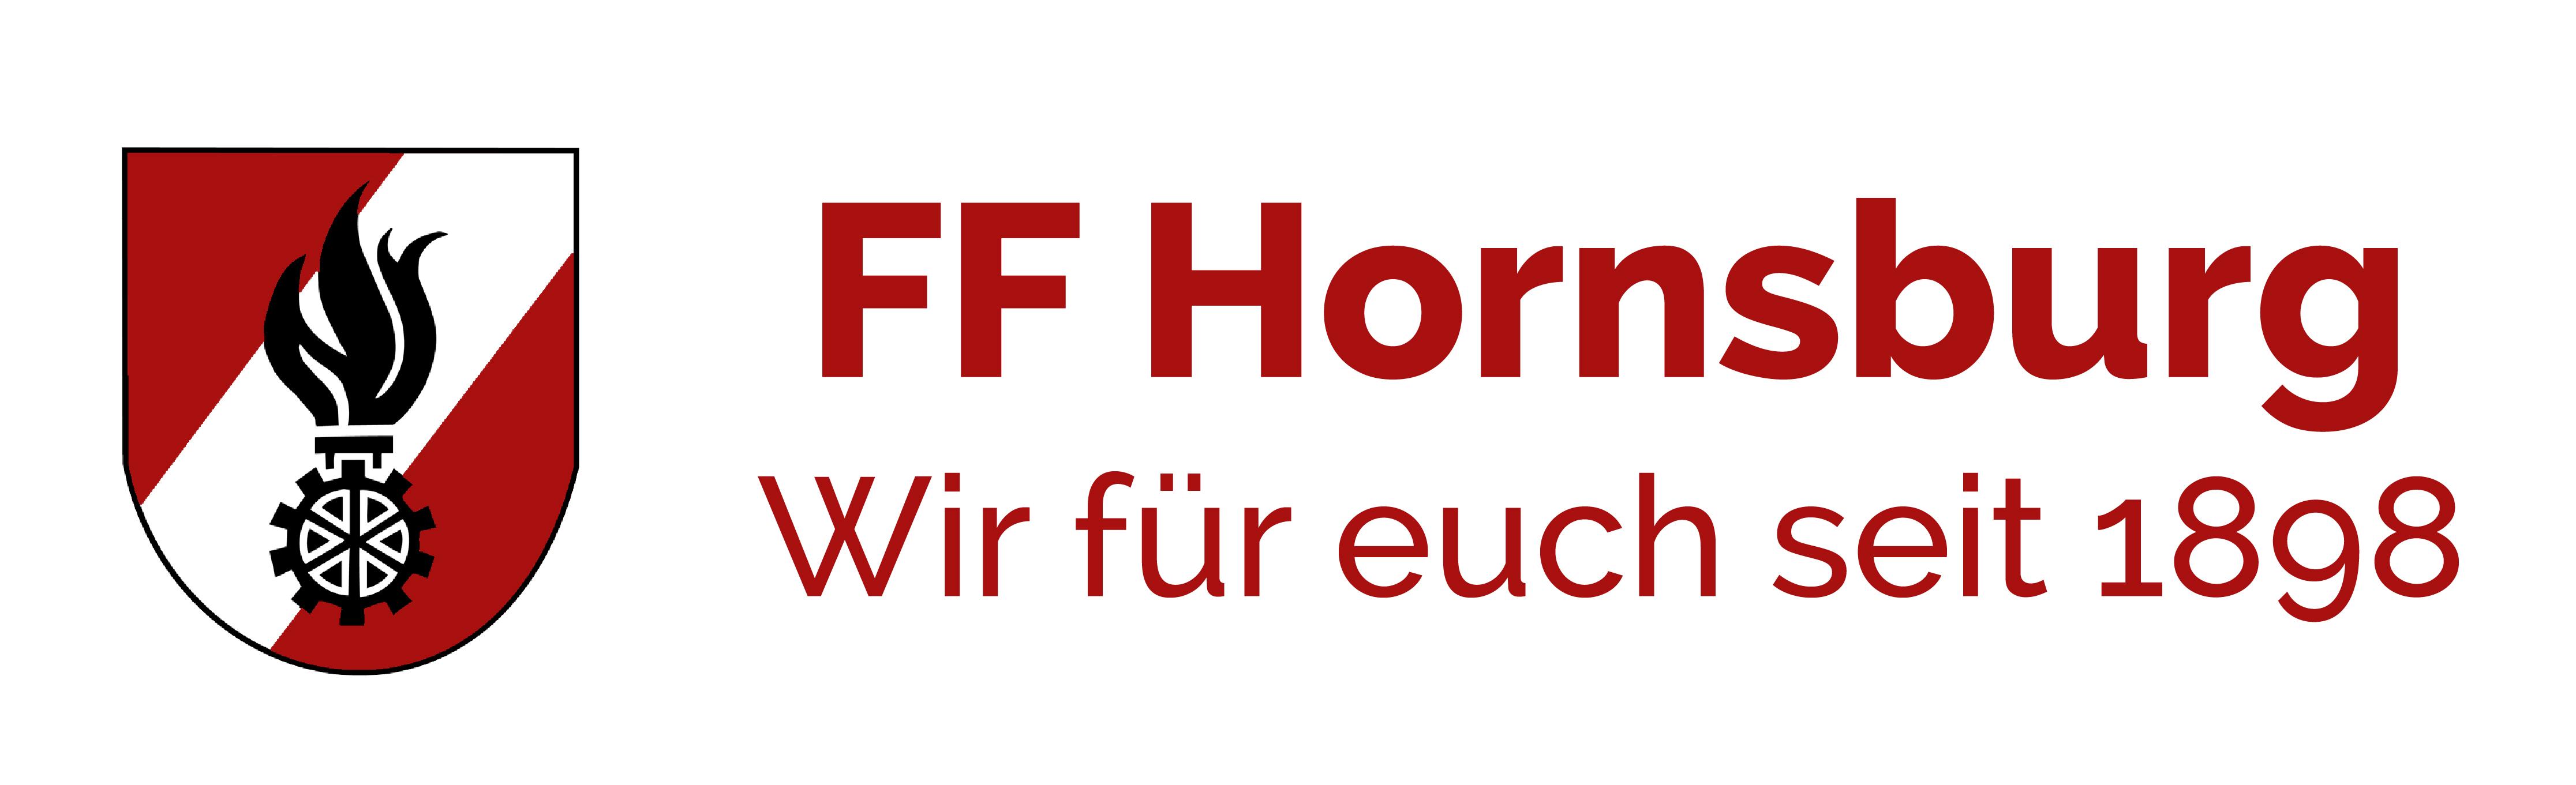 FF Hornsburg